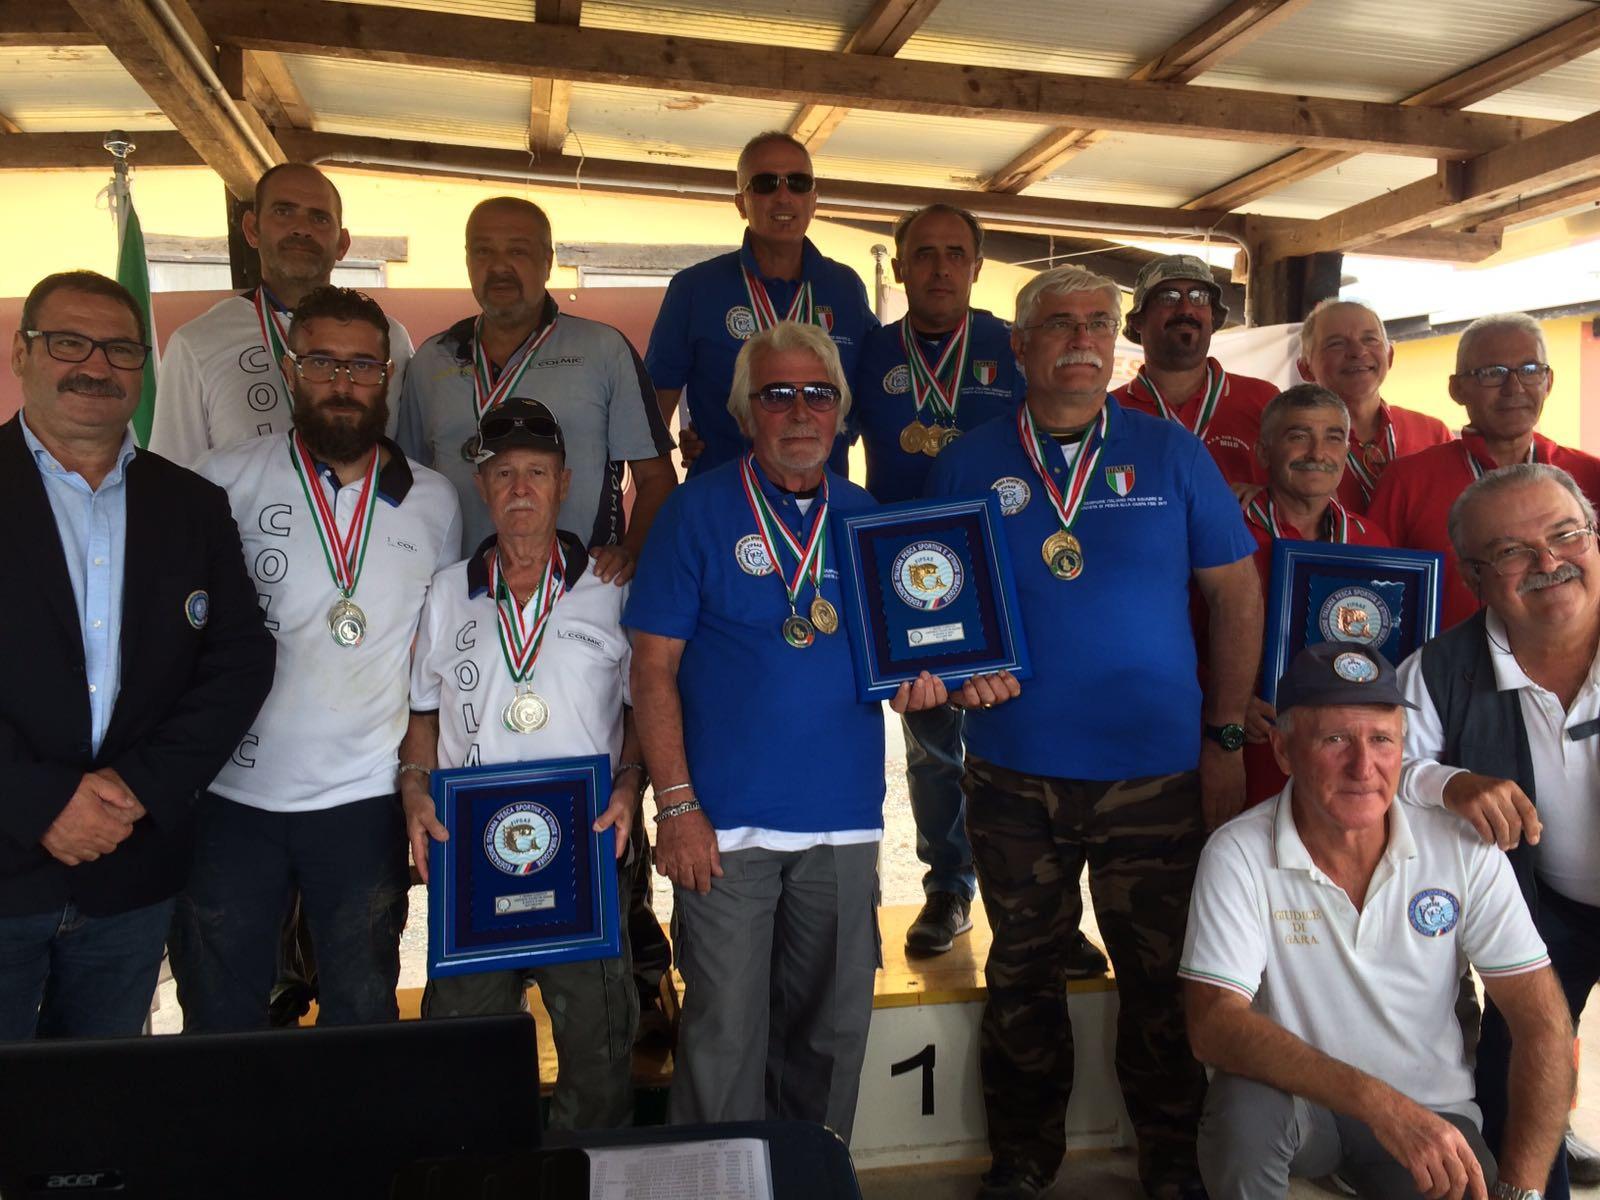 Relazione, risultati e foto del Campionato FSSI di Pesca Sportiva svoltosi a San Nazzaro Sesia (NO)